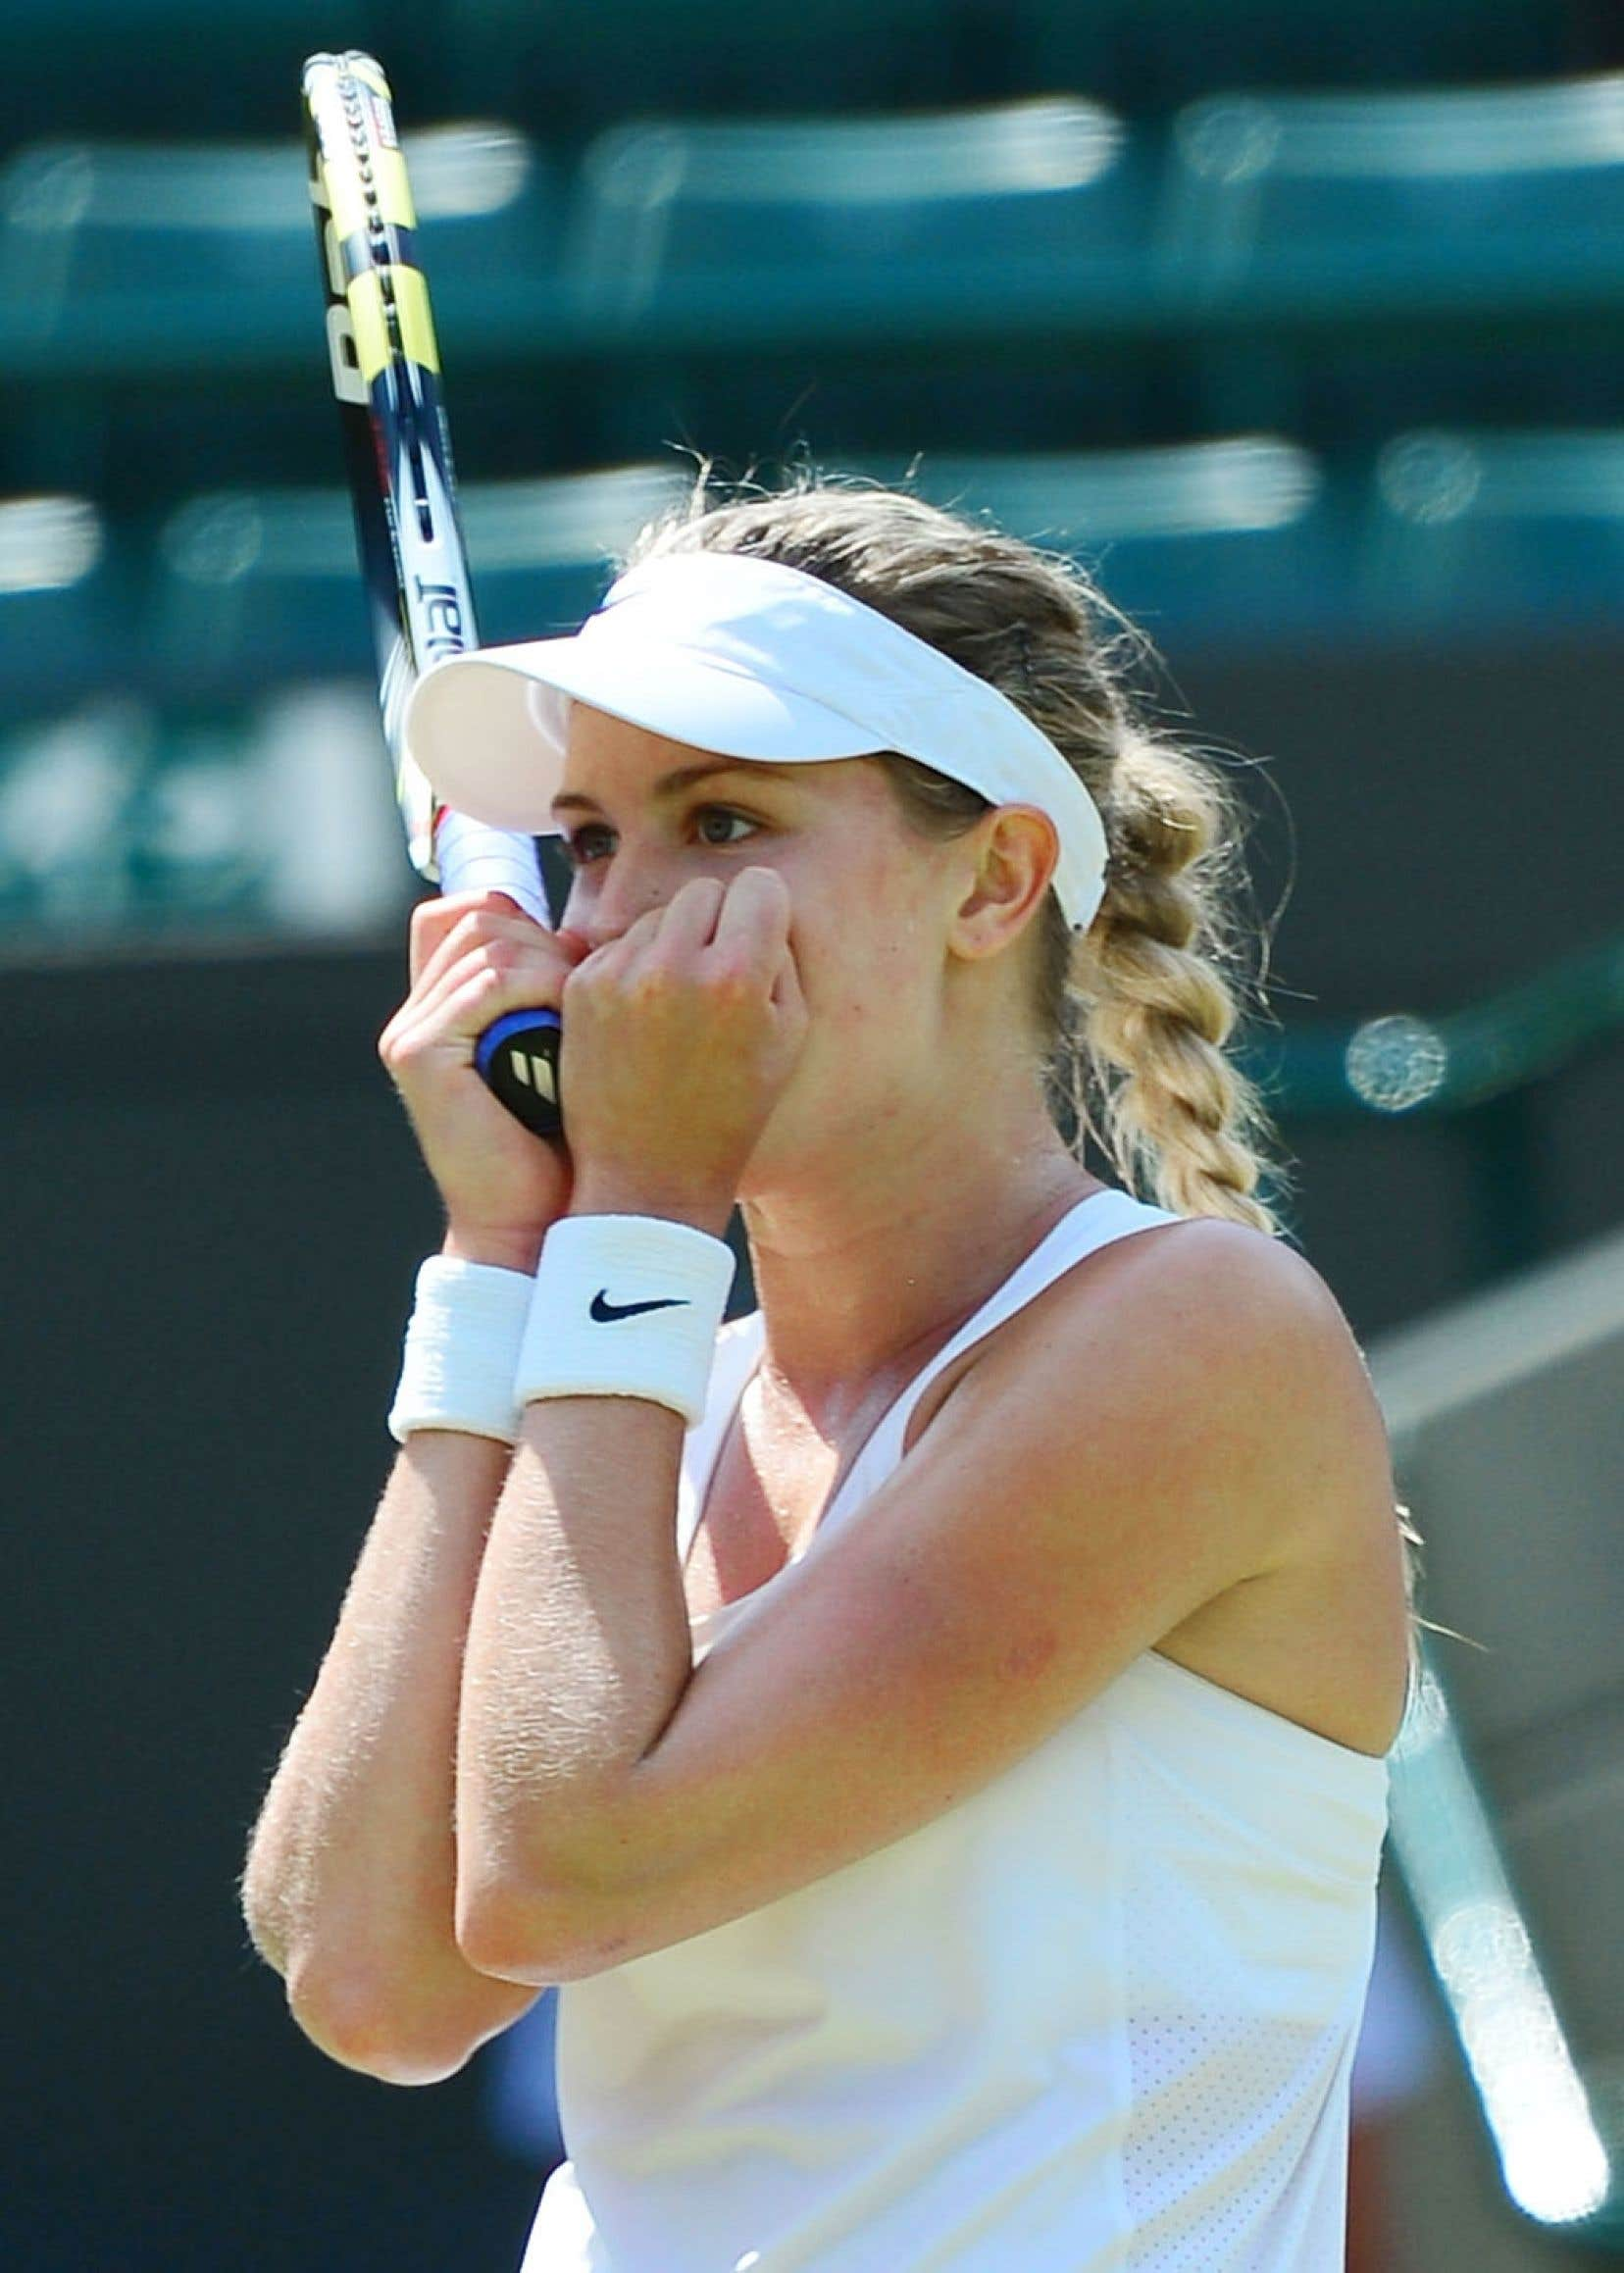 Eugenie Bouchard et son compatriote canadien Milos Raonic ont tous deux atteint<br /> le carré d'as mercredi au tournoi de tennis de Wimbledon.